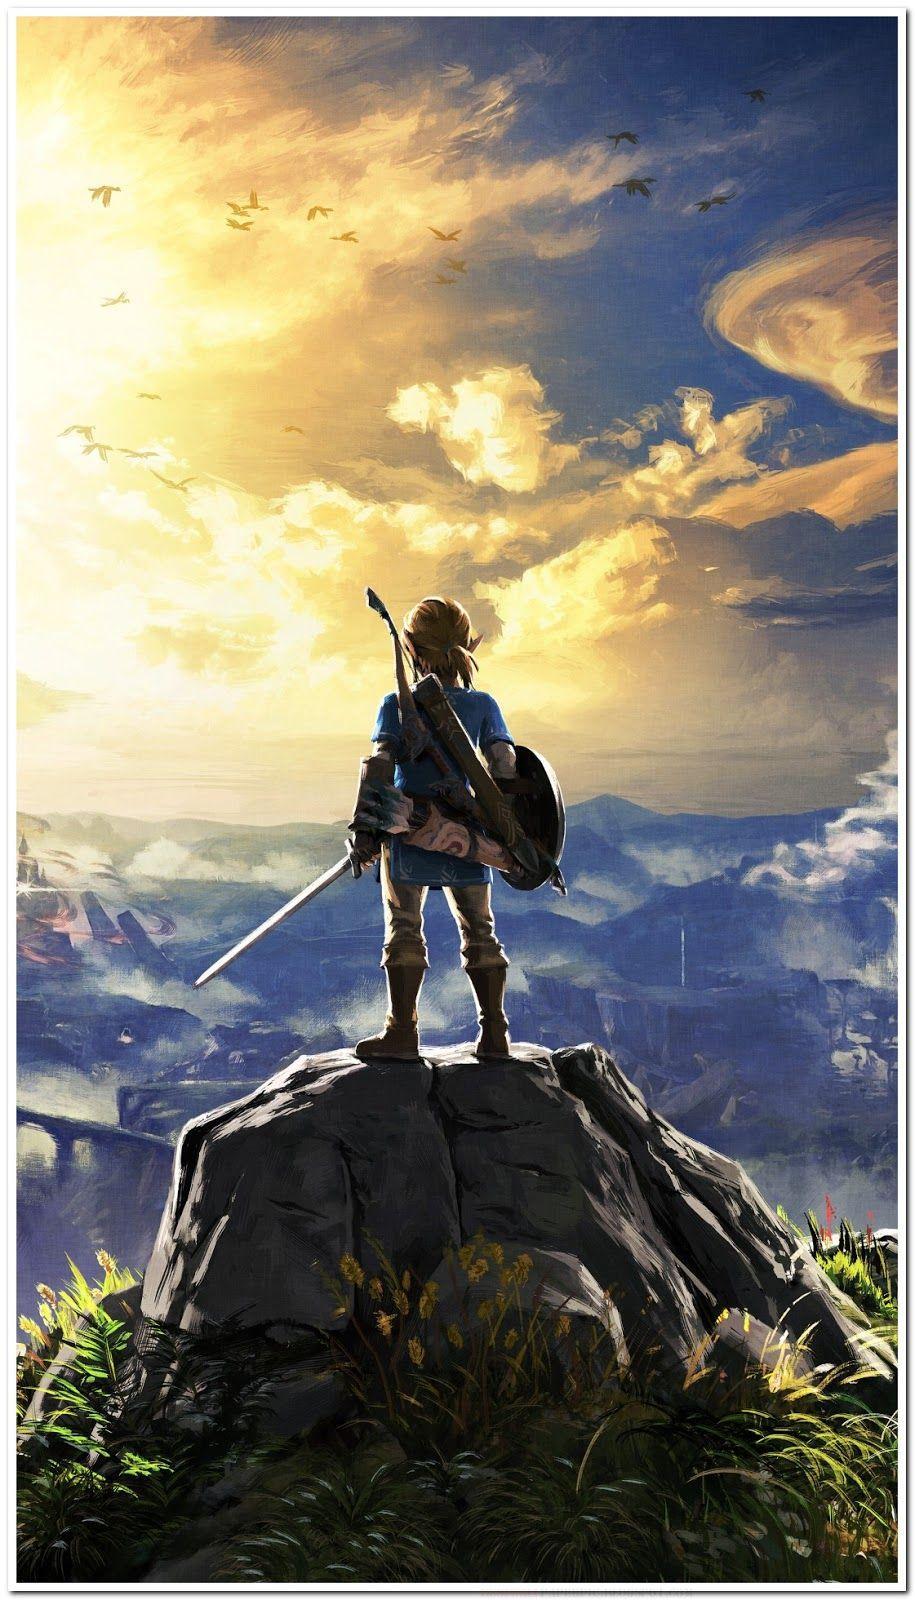 Zelda Botw iPhone Hd Wallpapers - Wallpaper Cave